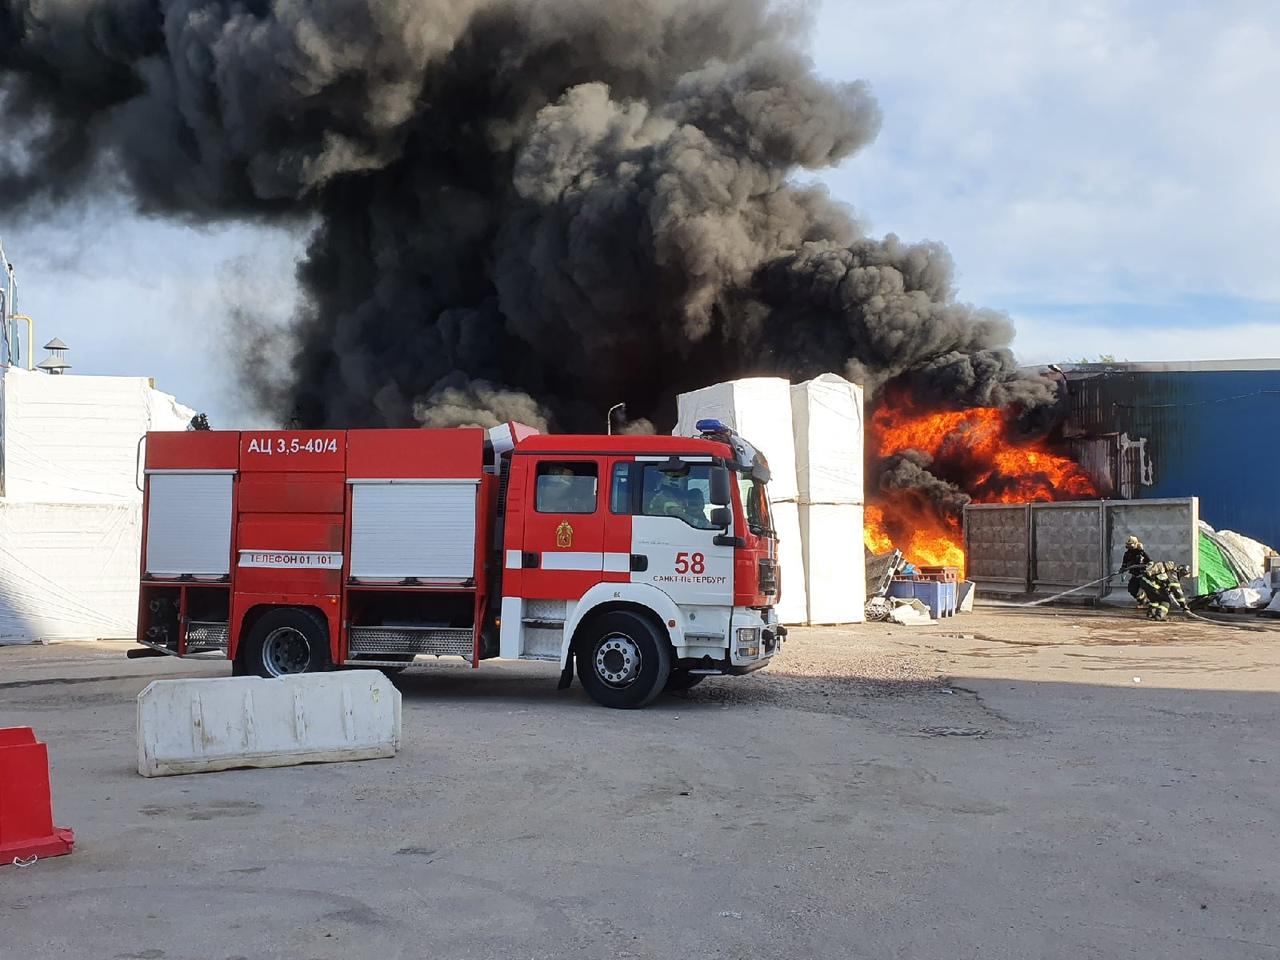 Еще фотографии с пожара в Металлострое. Главная новость о пожаре: https://vk.com/wall-68471405_15251...